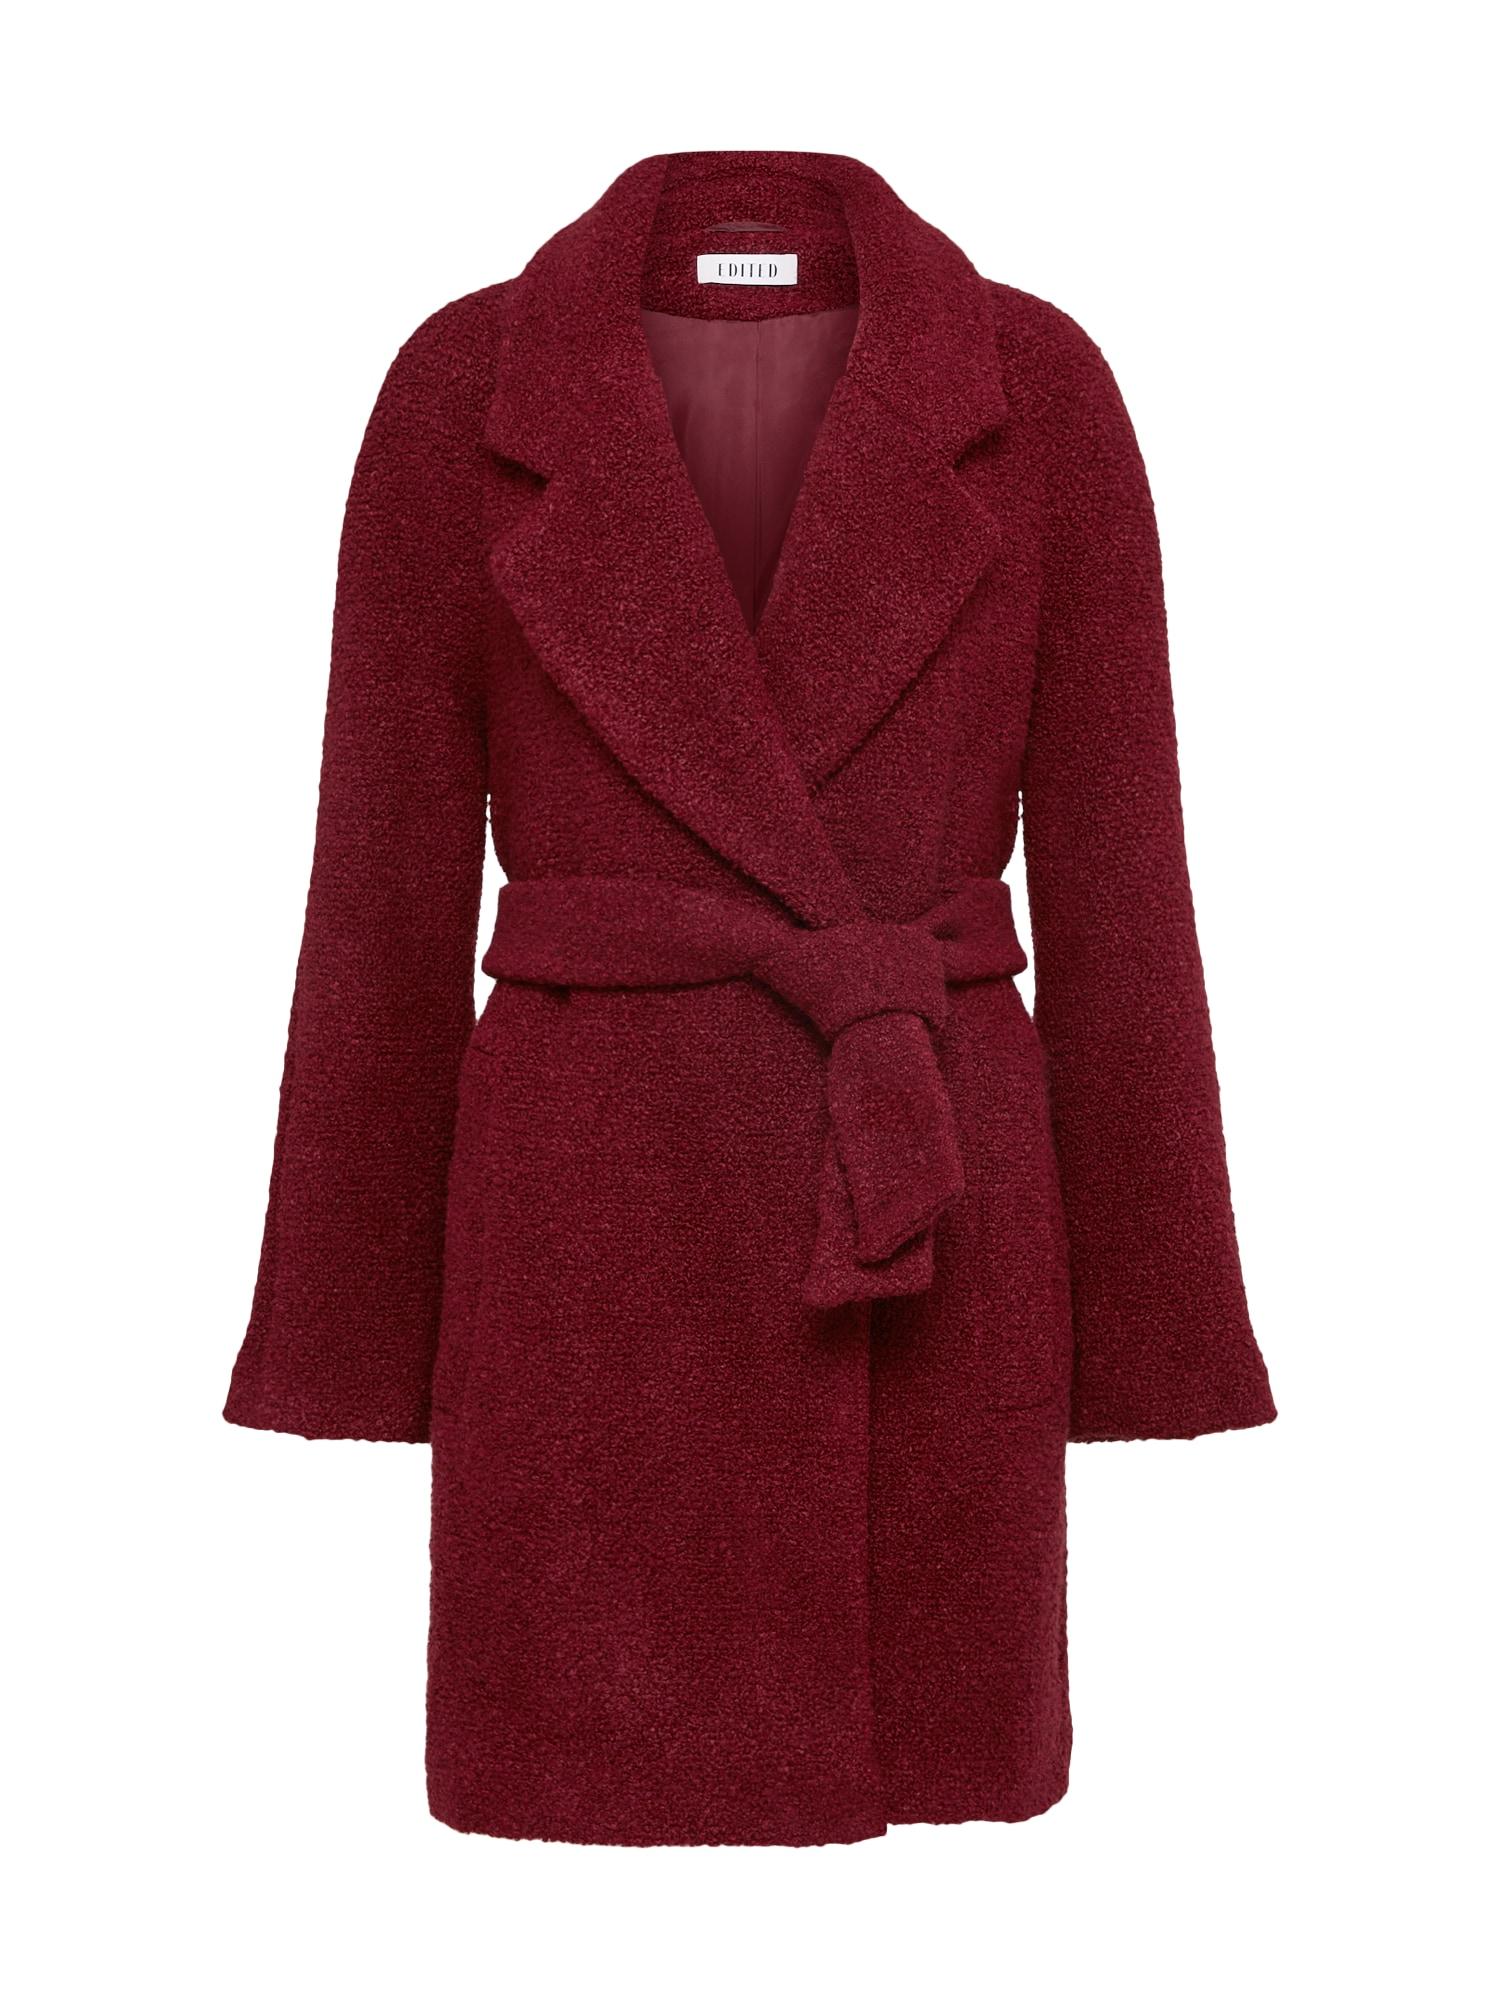 EDITED Rudeninis-žieminis paltas 'Georgia' vyšninė spalva